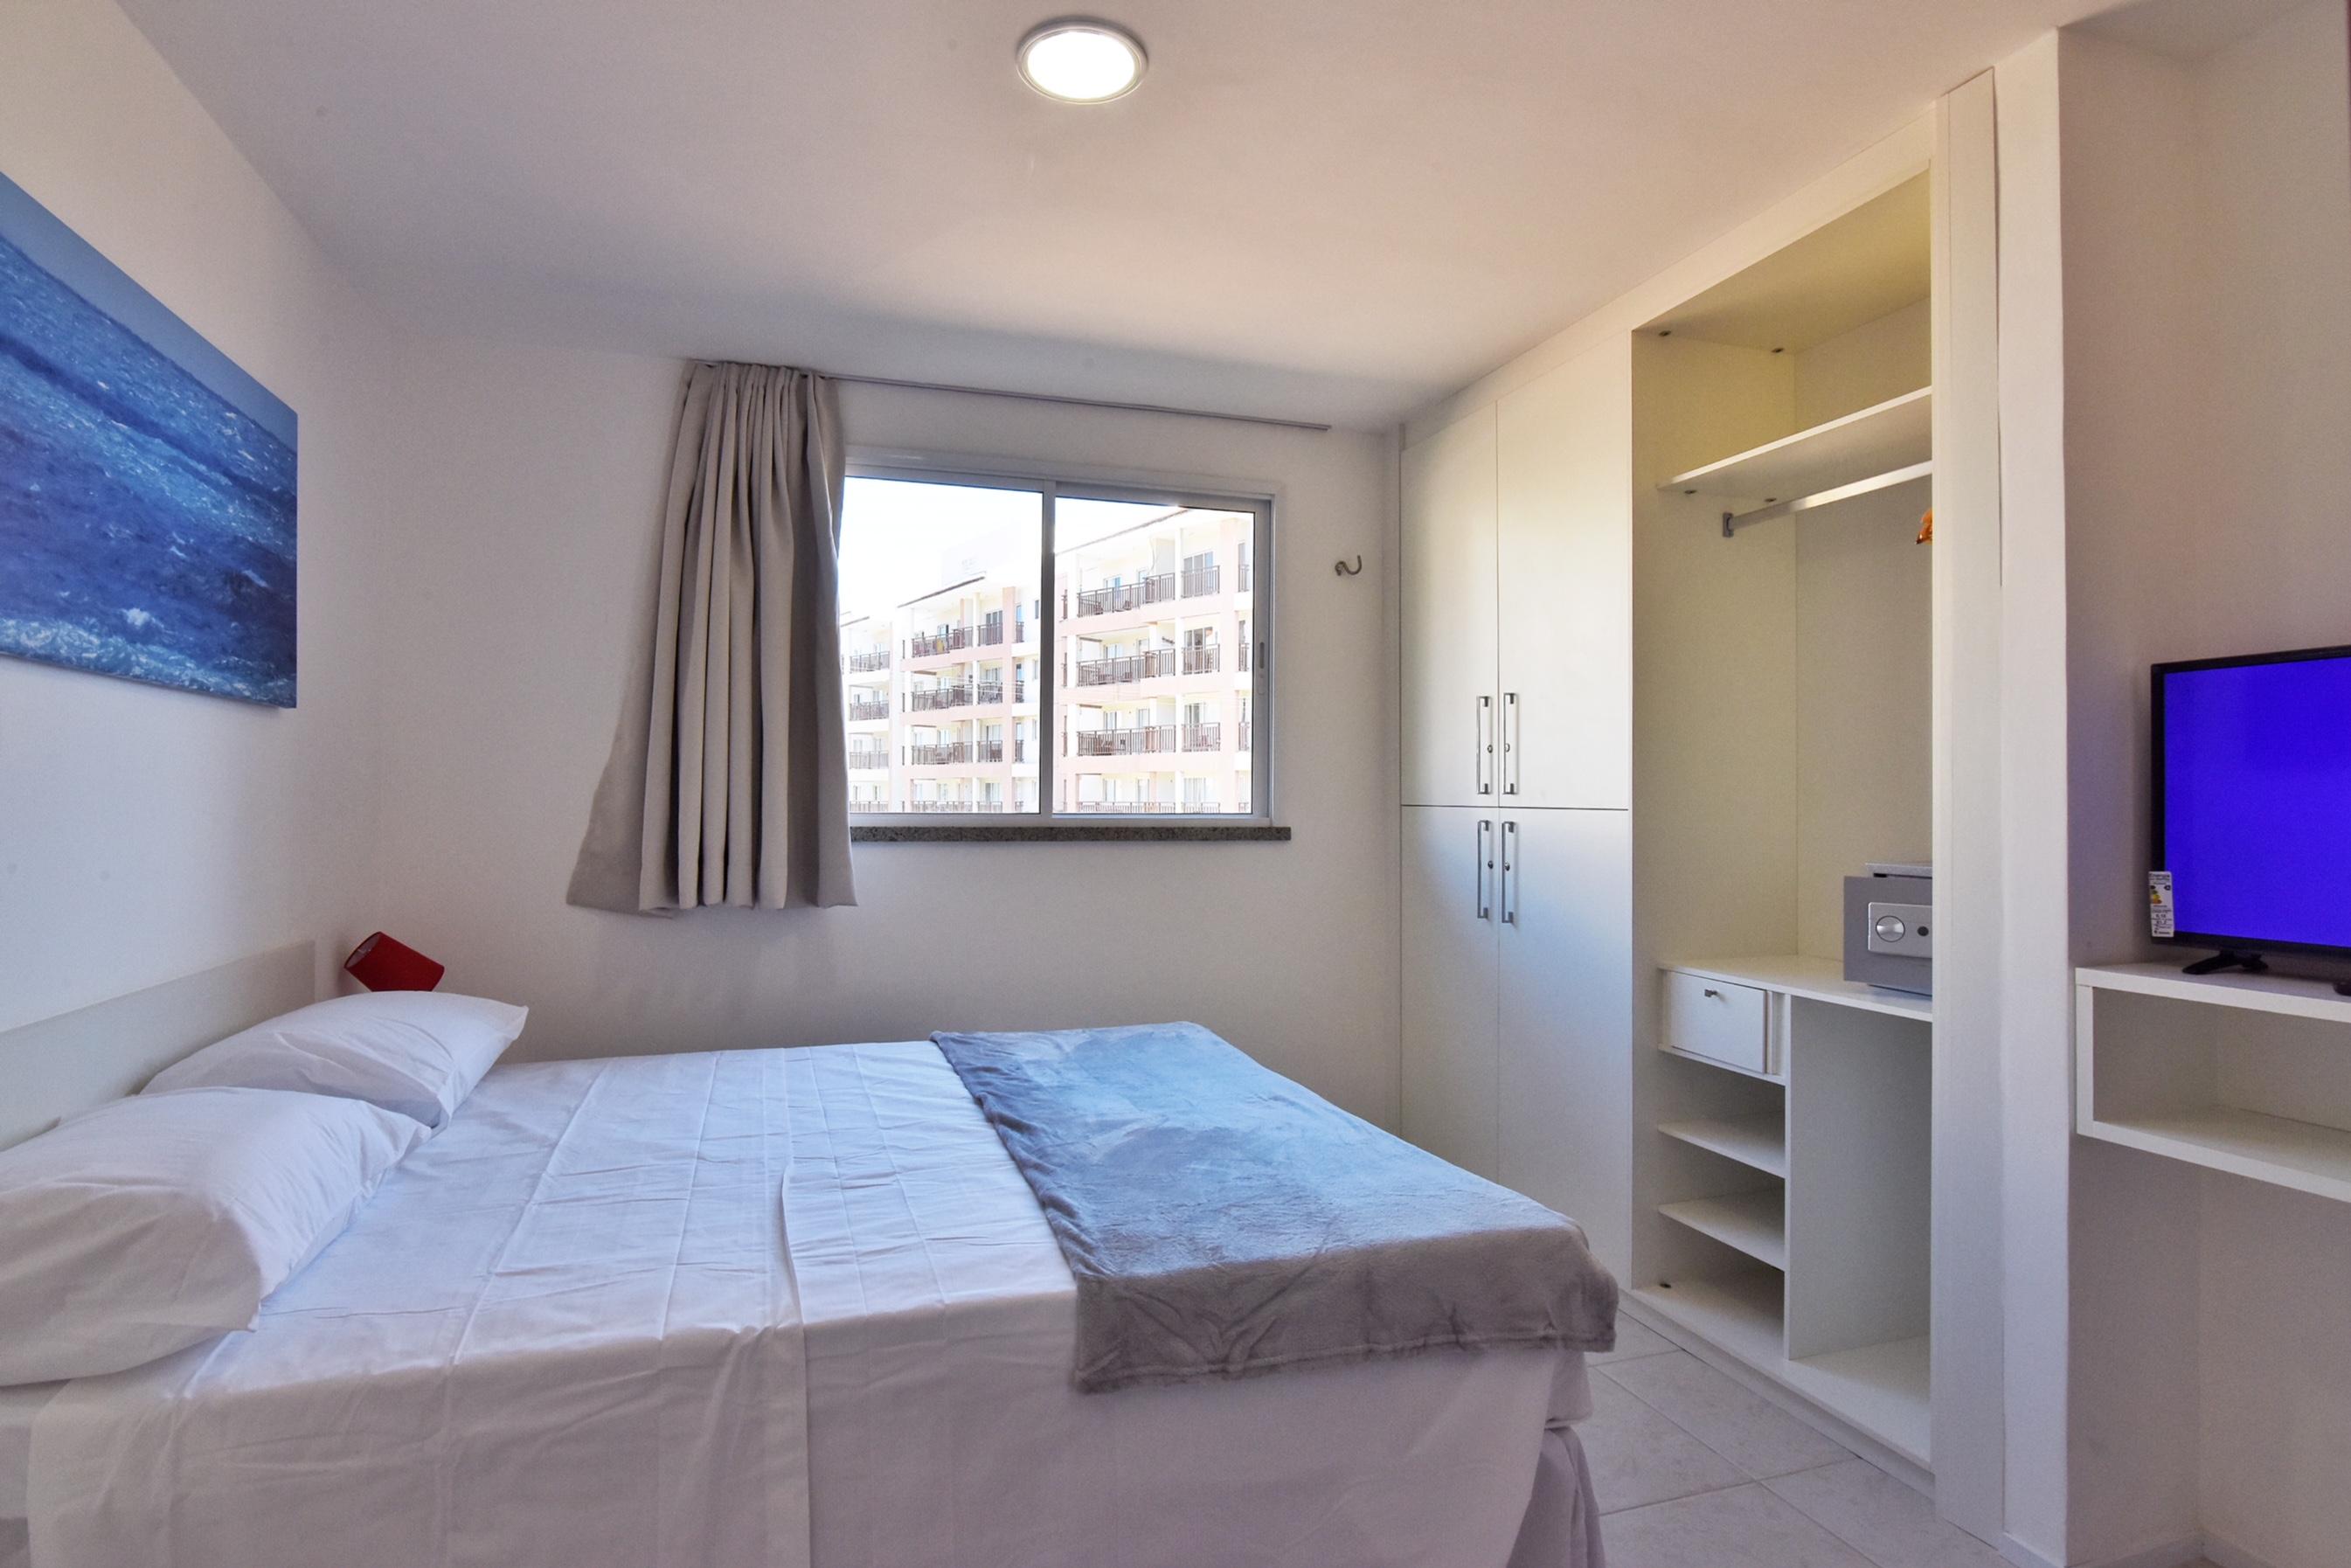 2 diárias (semana) para 2 adultos + 1 criança de até 6 anos em Apartamento Família por apenas R$299,90